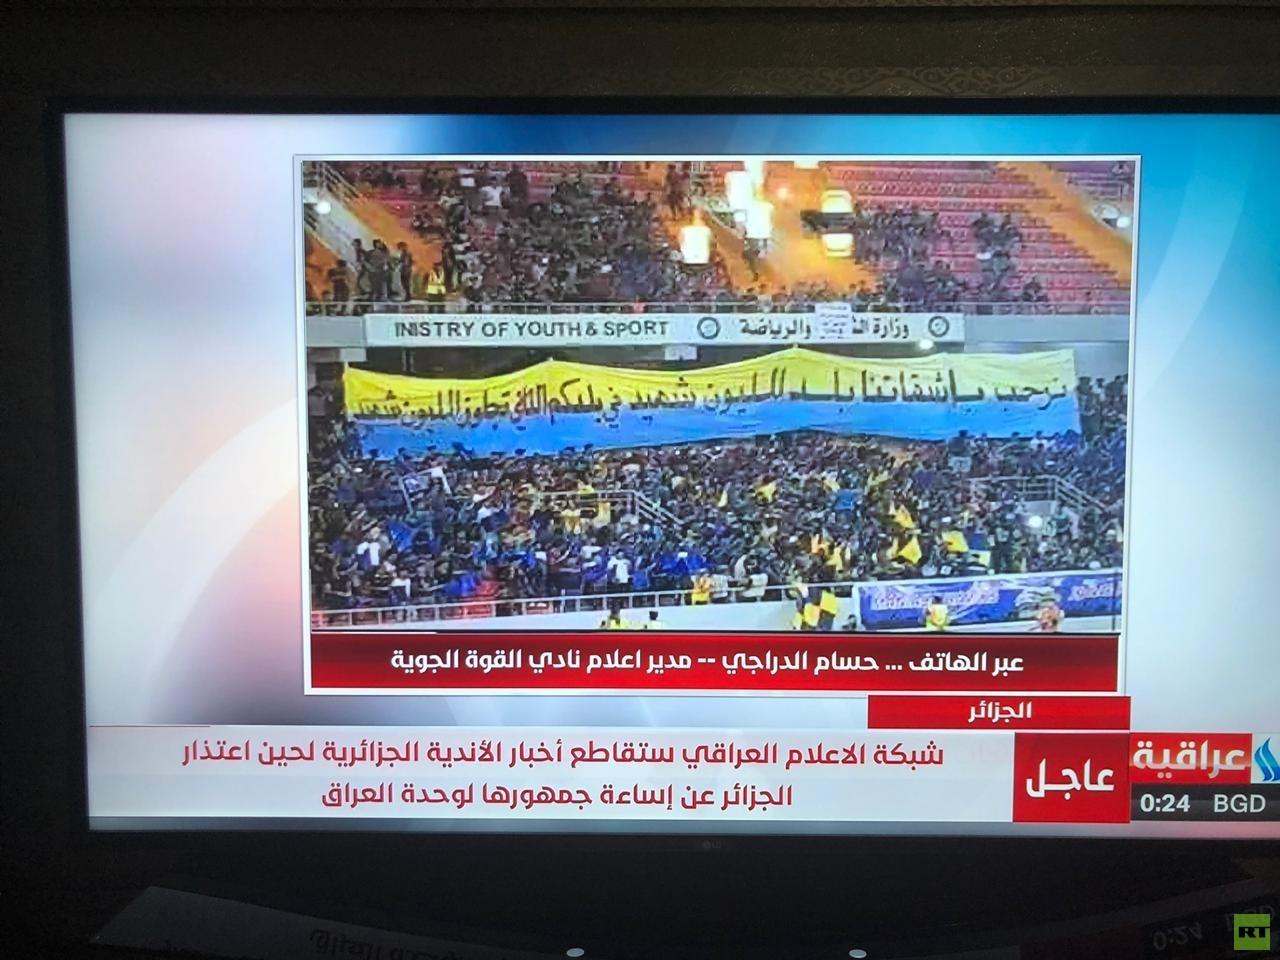 إعلام الدولة العراقية يقرر مقاطعة أخبار الأندية الجزائرية